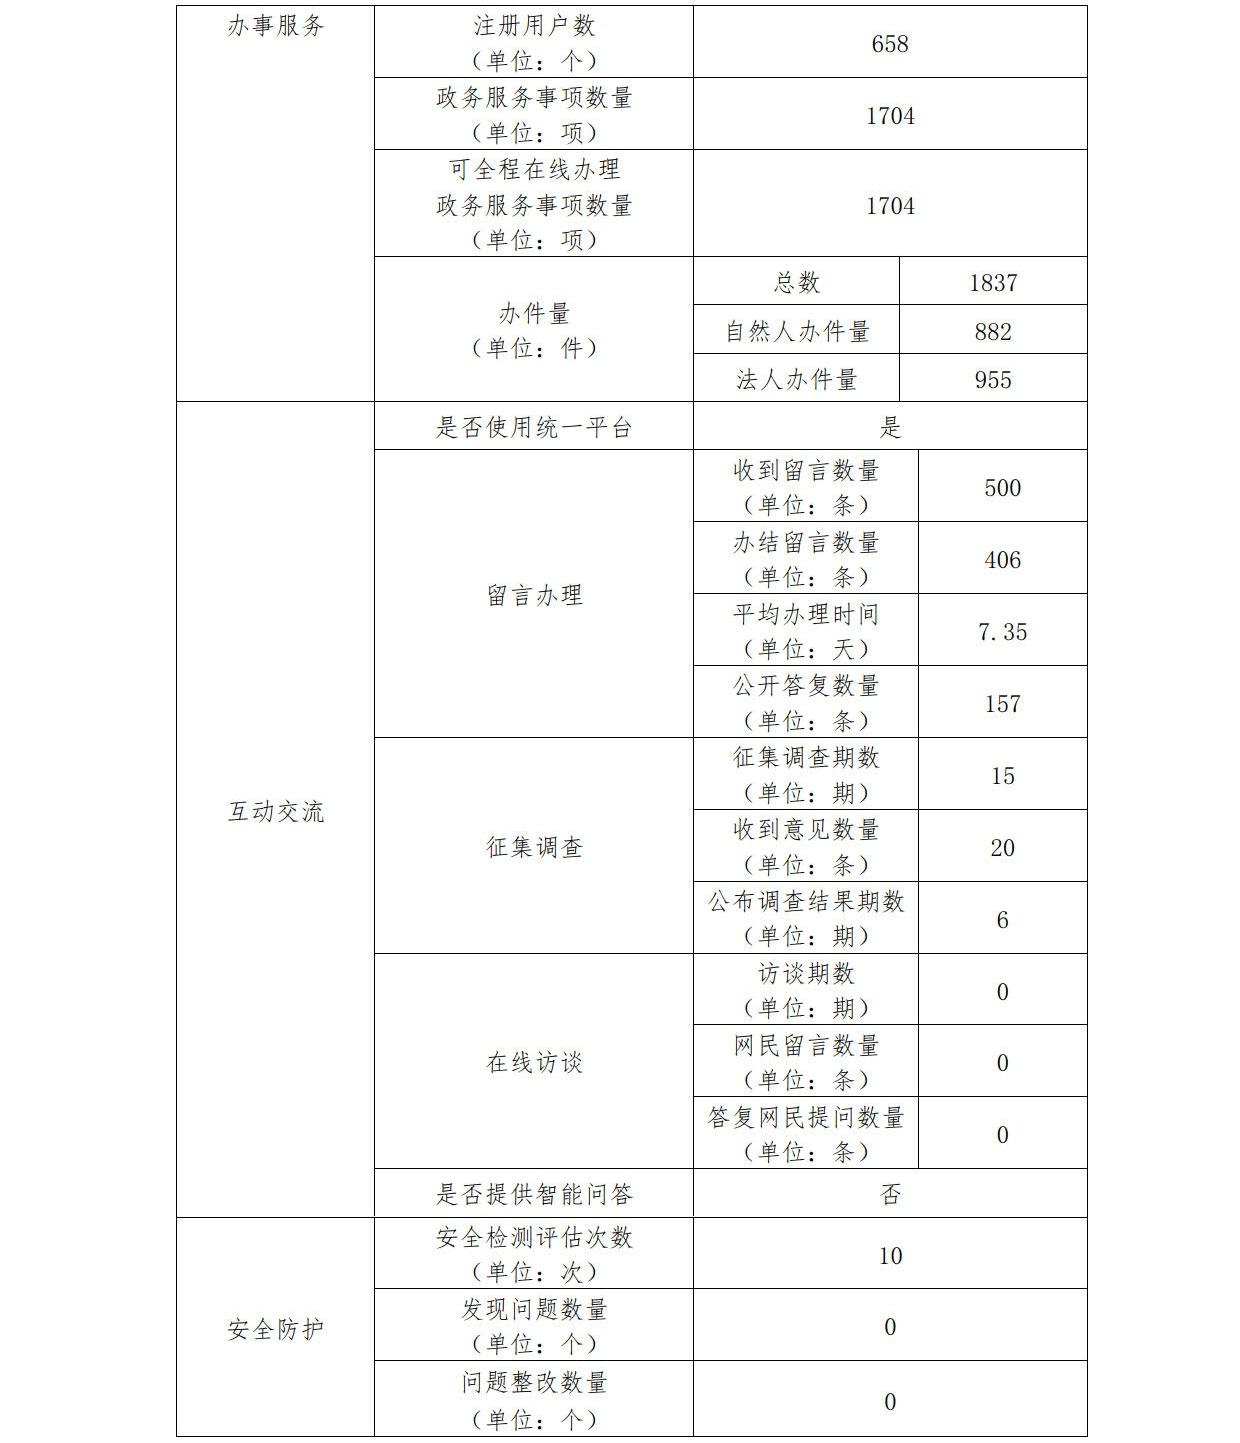 化州市人民政府网站工作年度报表(2020年)_2_看图王.jpg